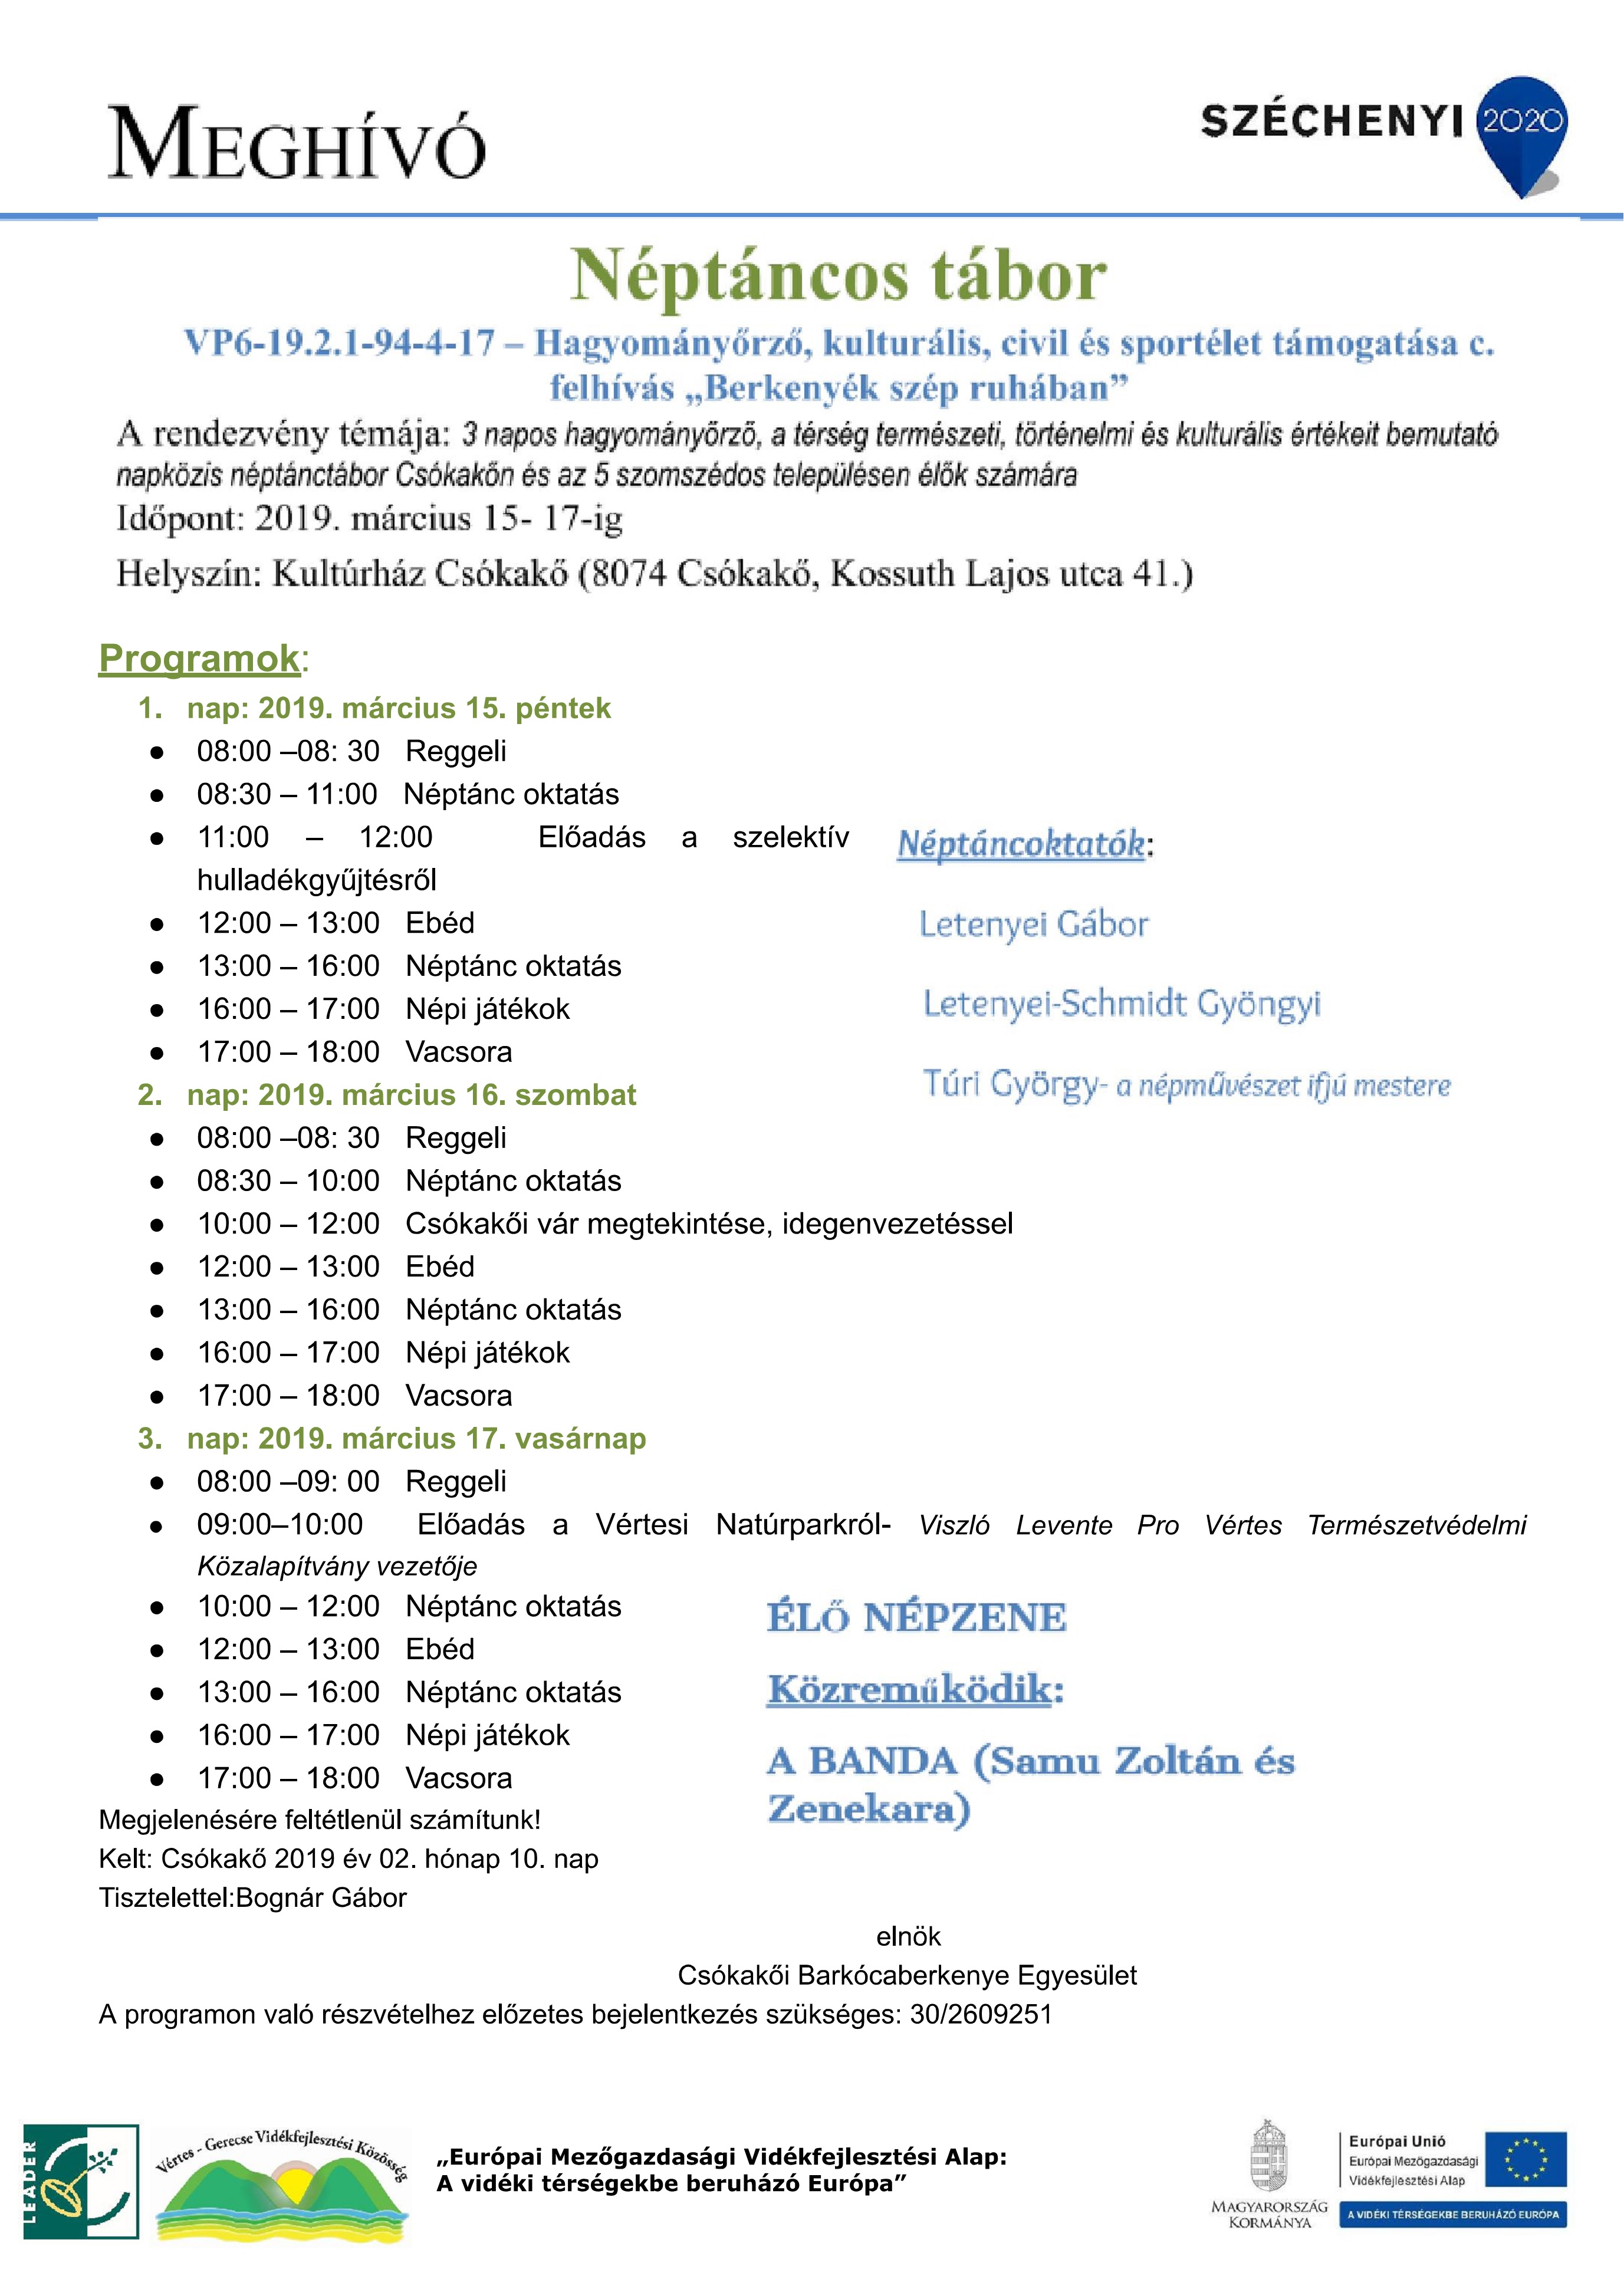 XXIV. Hídverő Napok Neszmély, Hajóskanzen 2019.07.06-07.